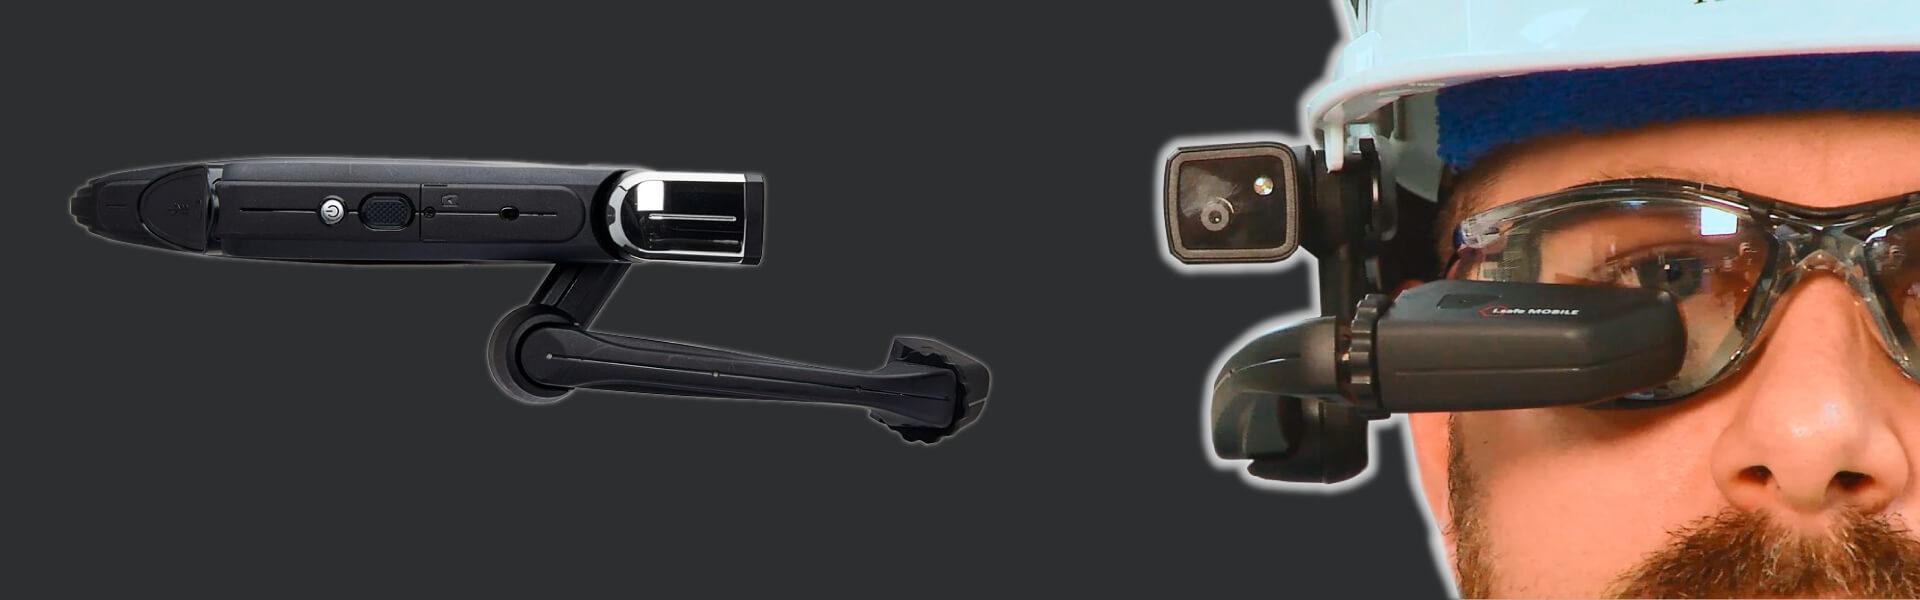 El futuro de la industria con la tablet wearable HMT-1 de realidad aumentada